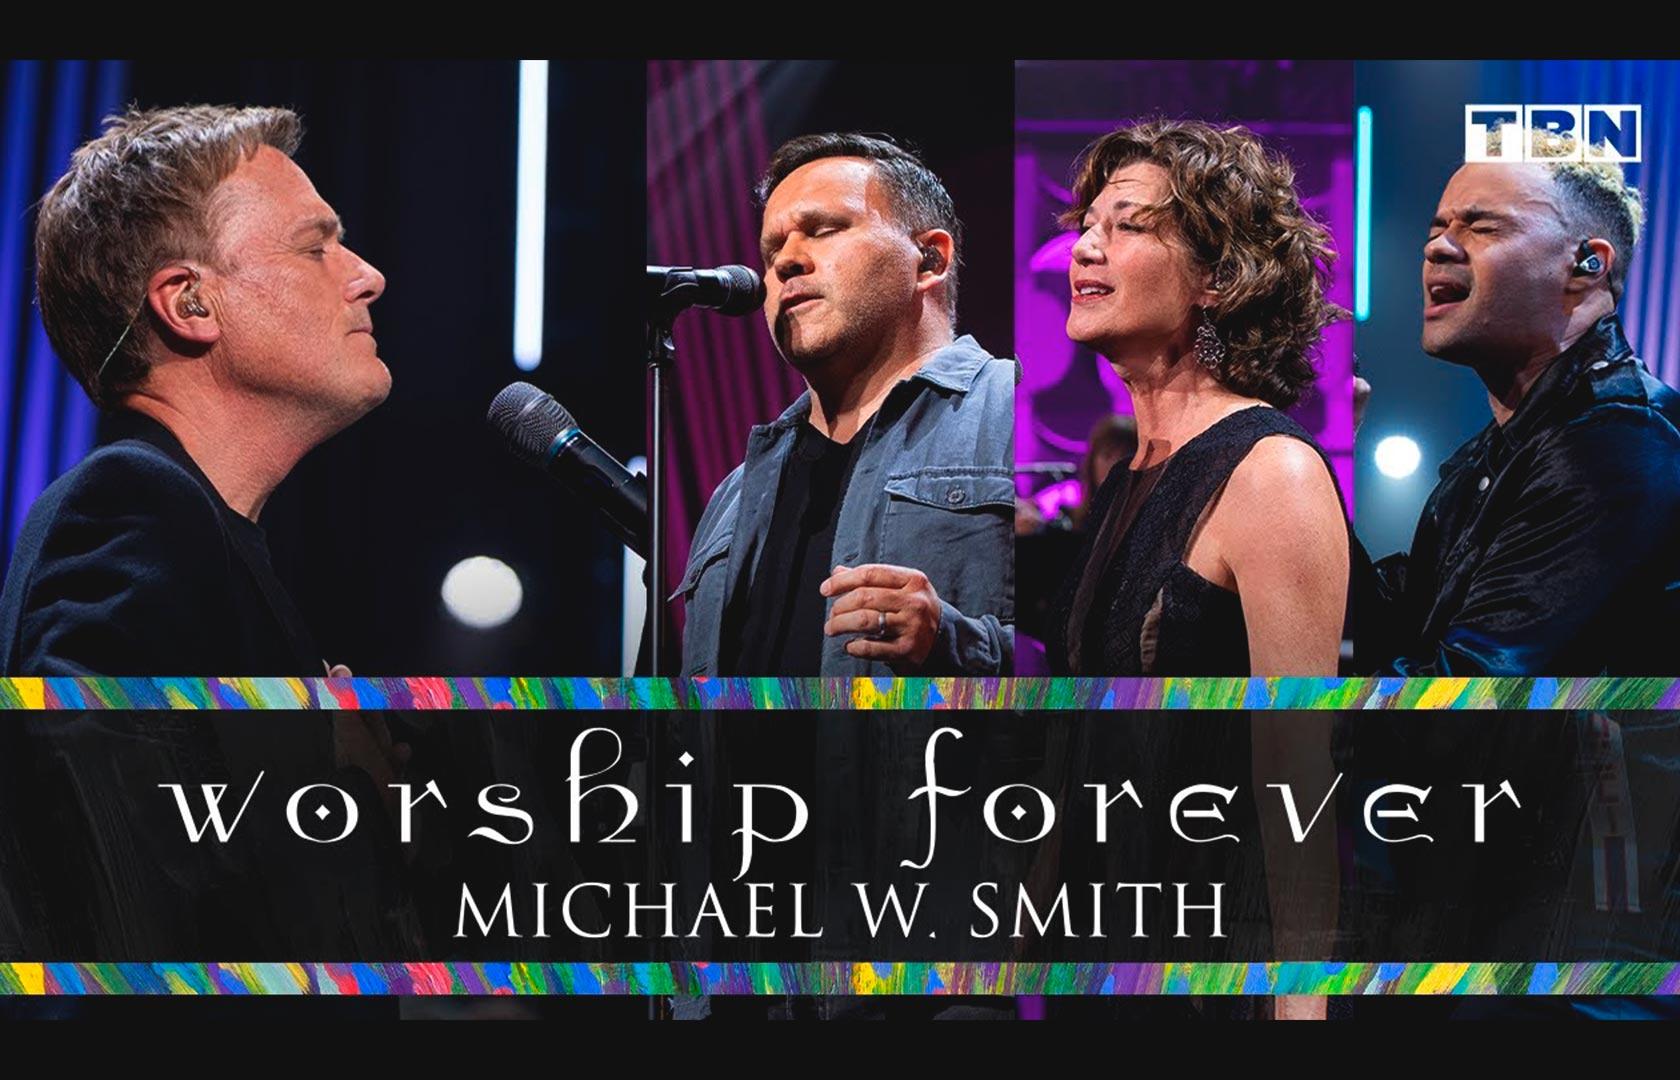 Майкл Дабью Смит представил живой концерт «Worship Forever»